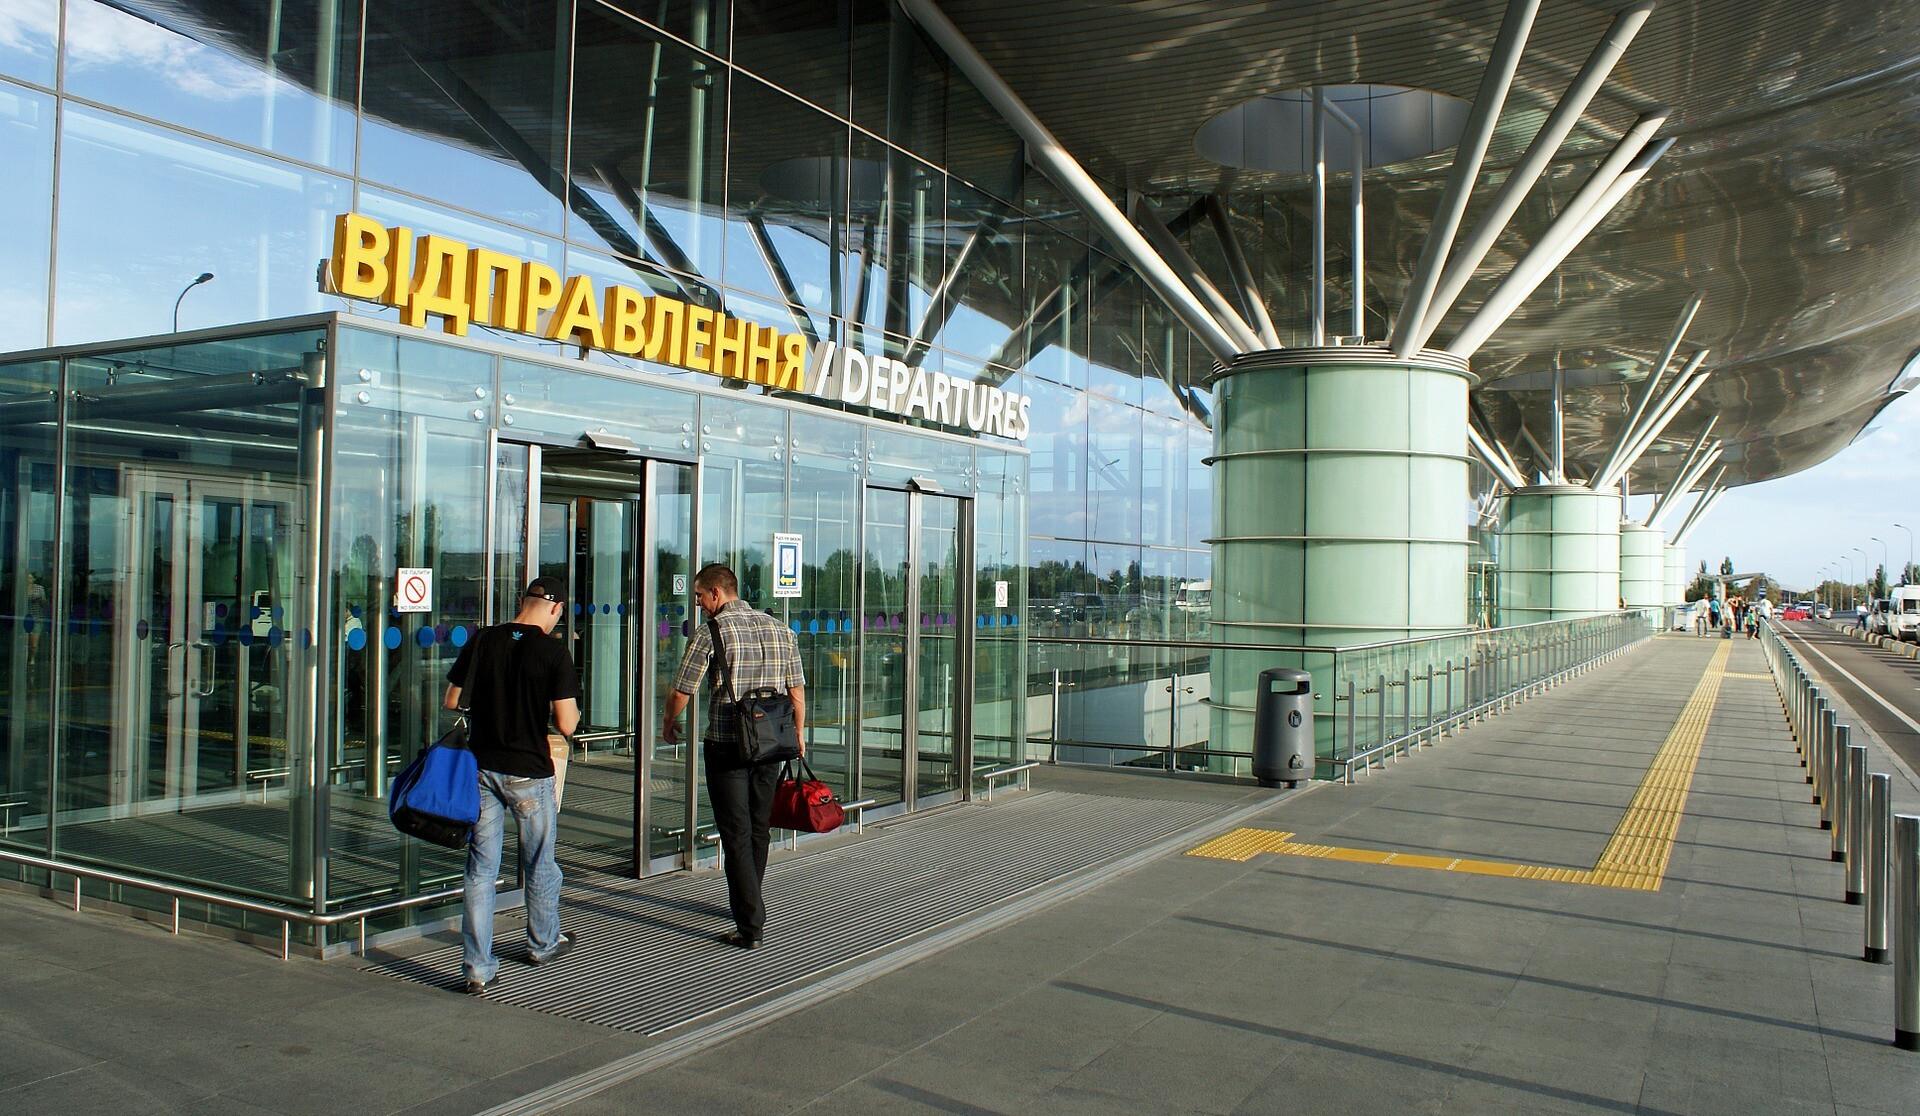 Ваэропорту «Борисполь» закрыли все комнаты для курения: причина